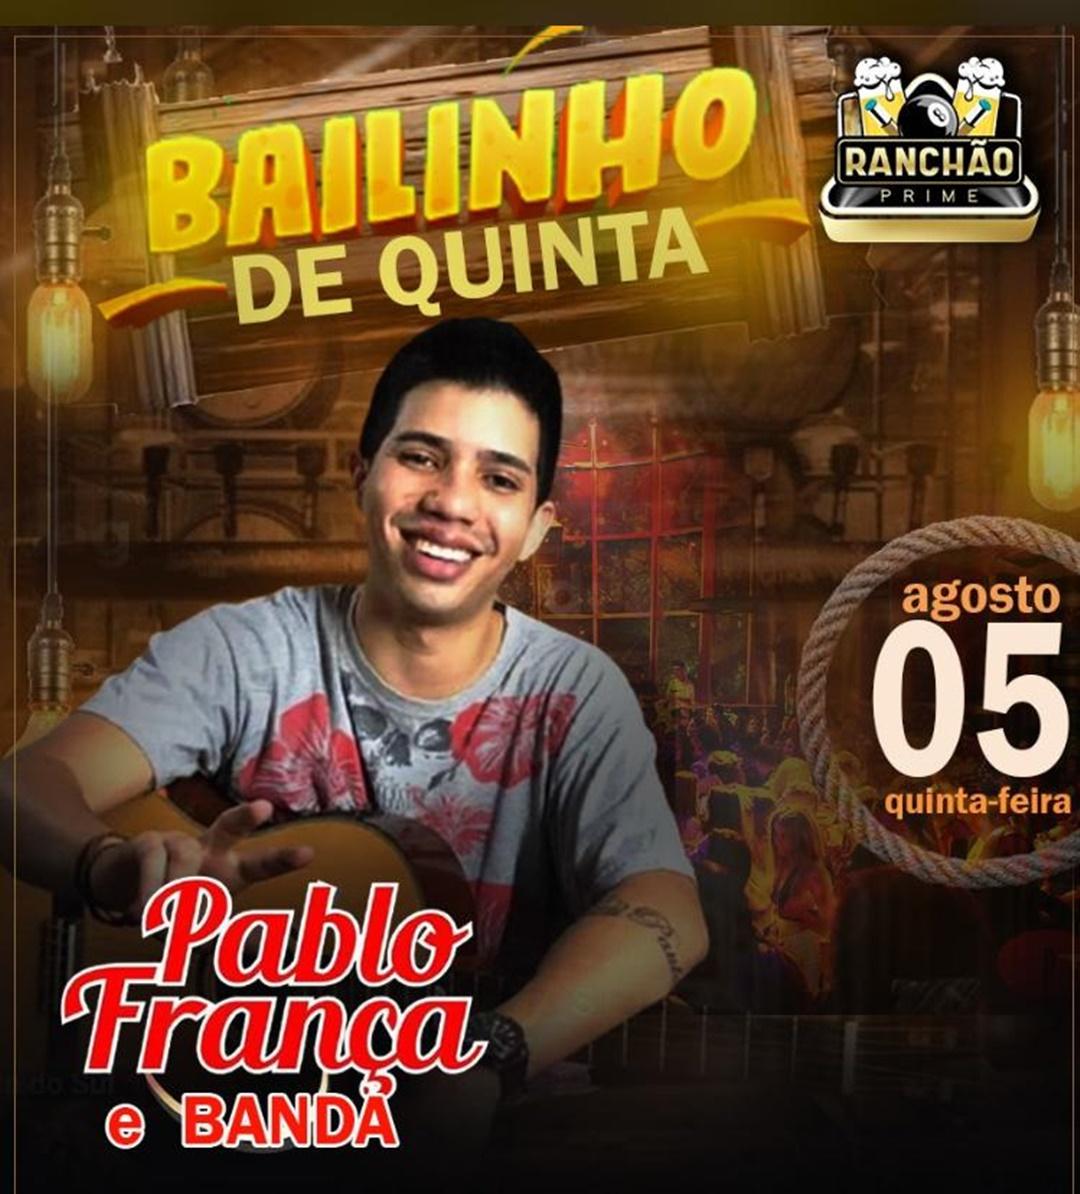 Hoje é dia de 'Bailinho de Quinta' no Ranchão Prime com Pablo França